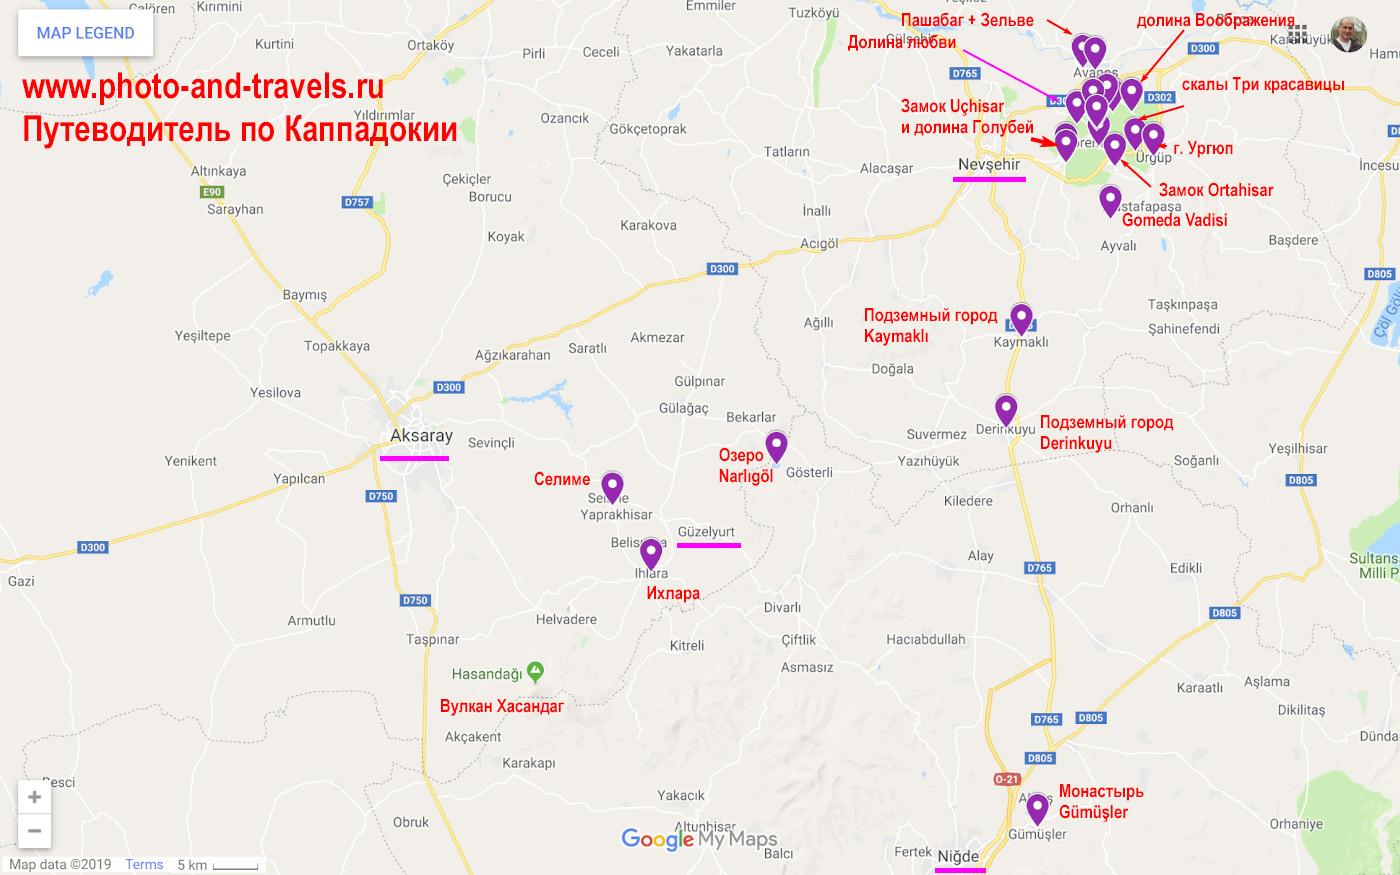 Карта со схемой расположения самых известных достопримечательностей Каппадокии